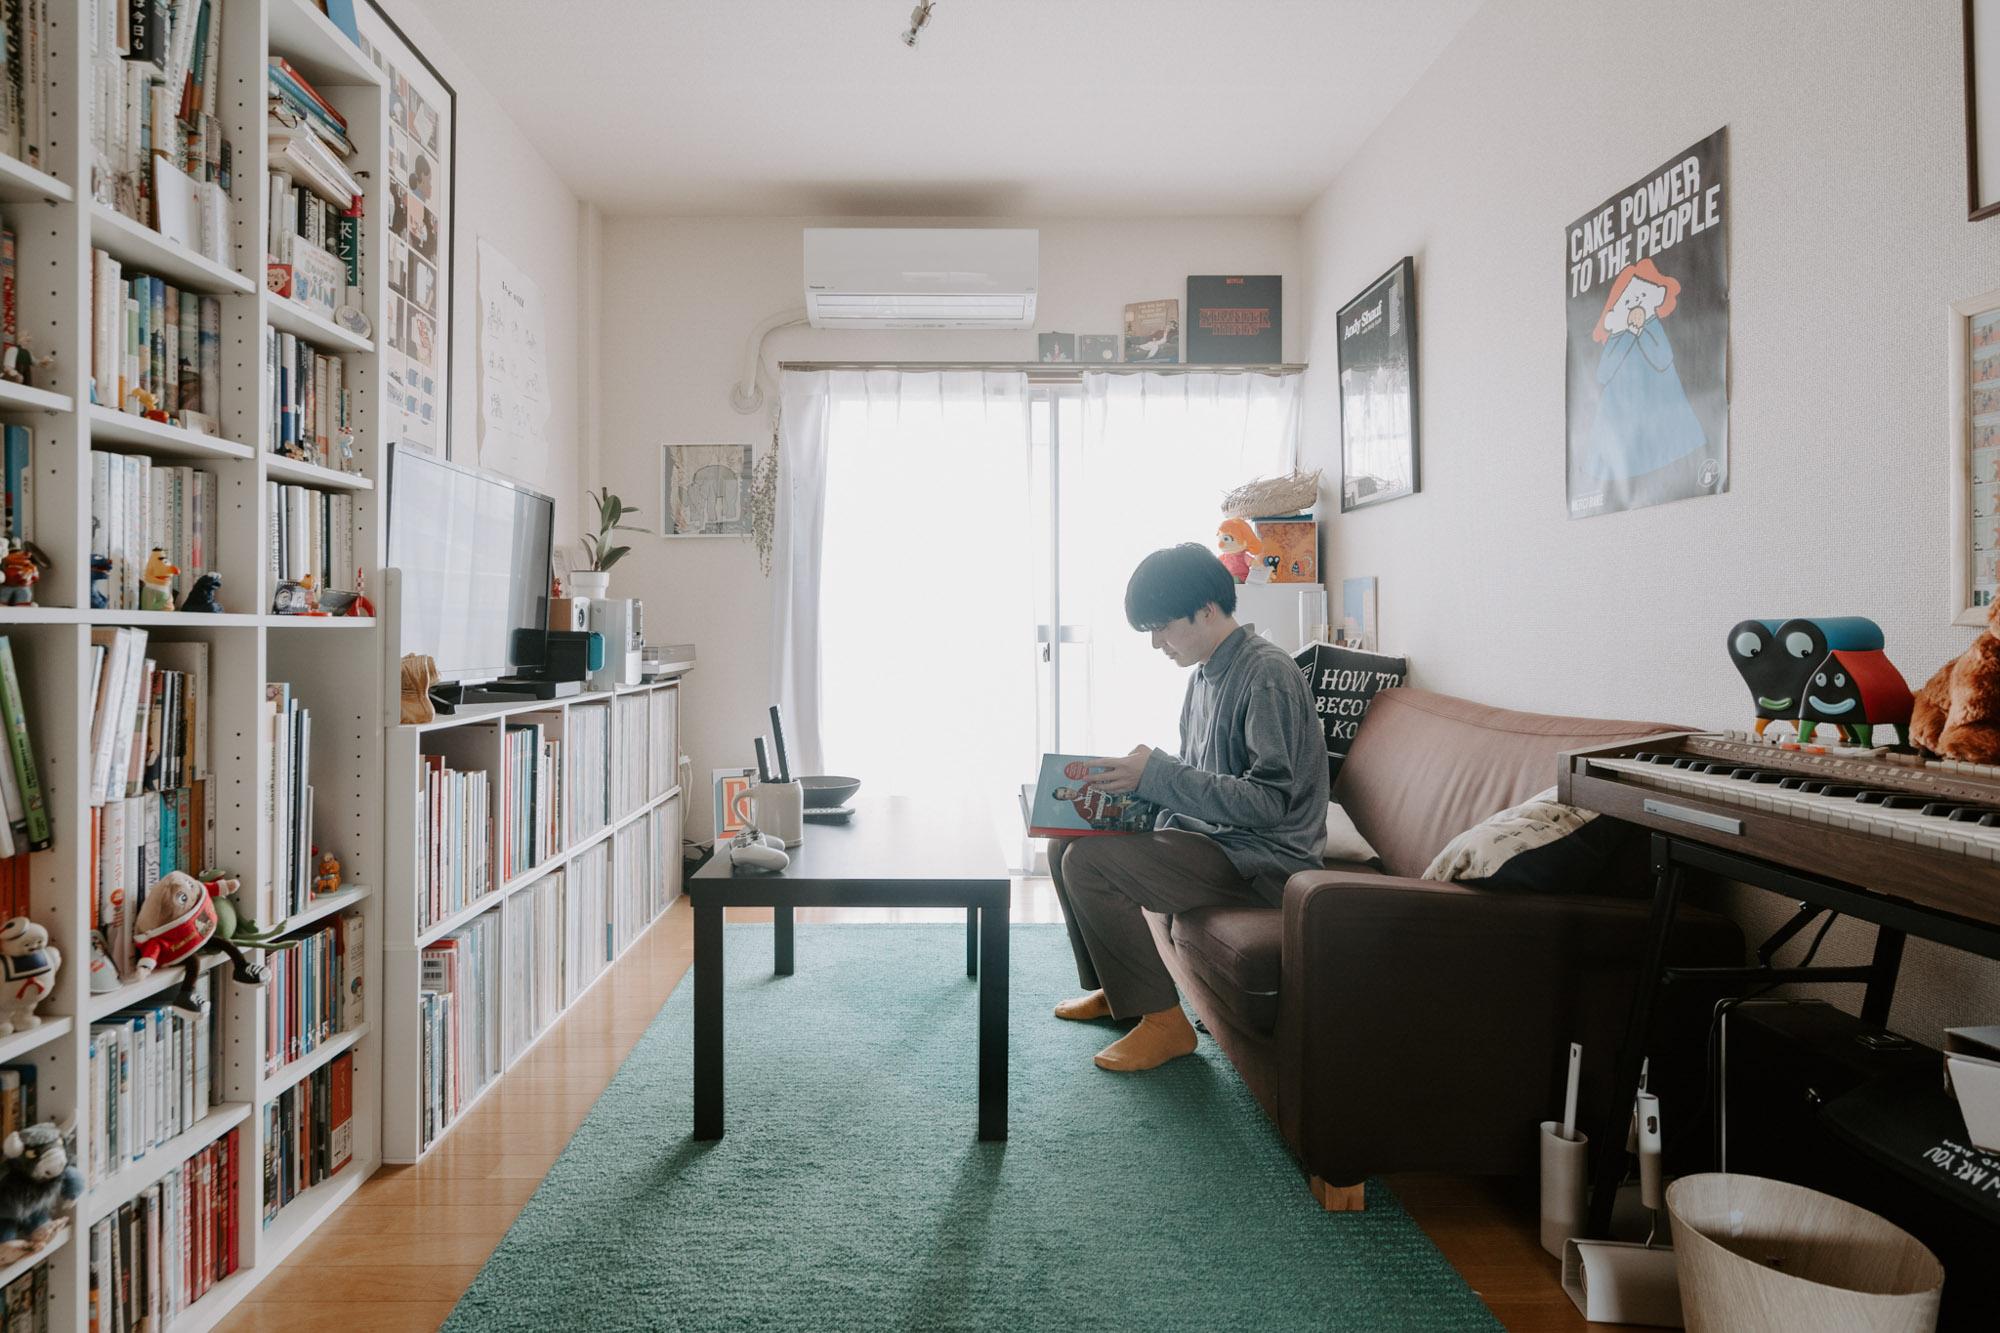 福富優樹さんの「ルーツに囲まれた部屋」から。Homecomings メンバーによる暮らしの連載がスタートします